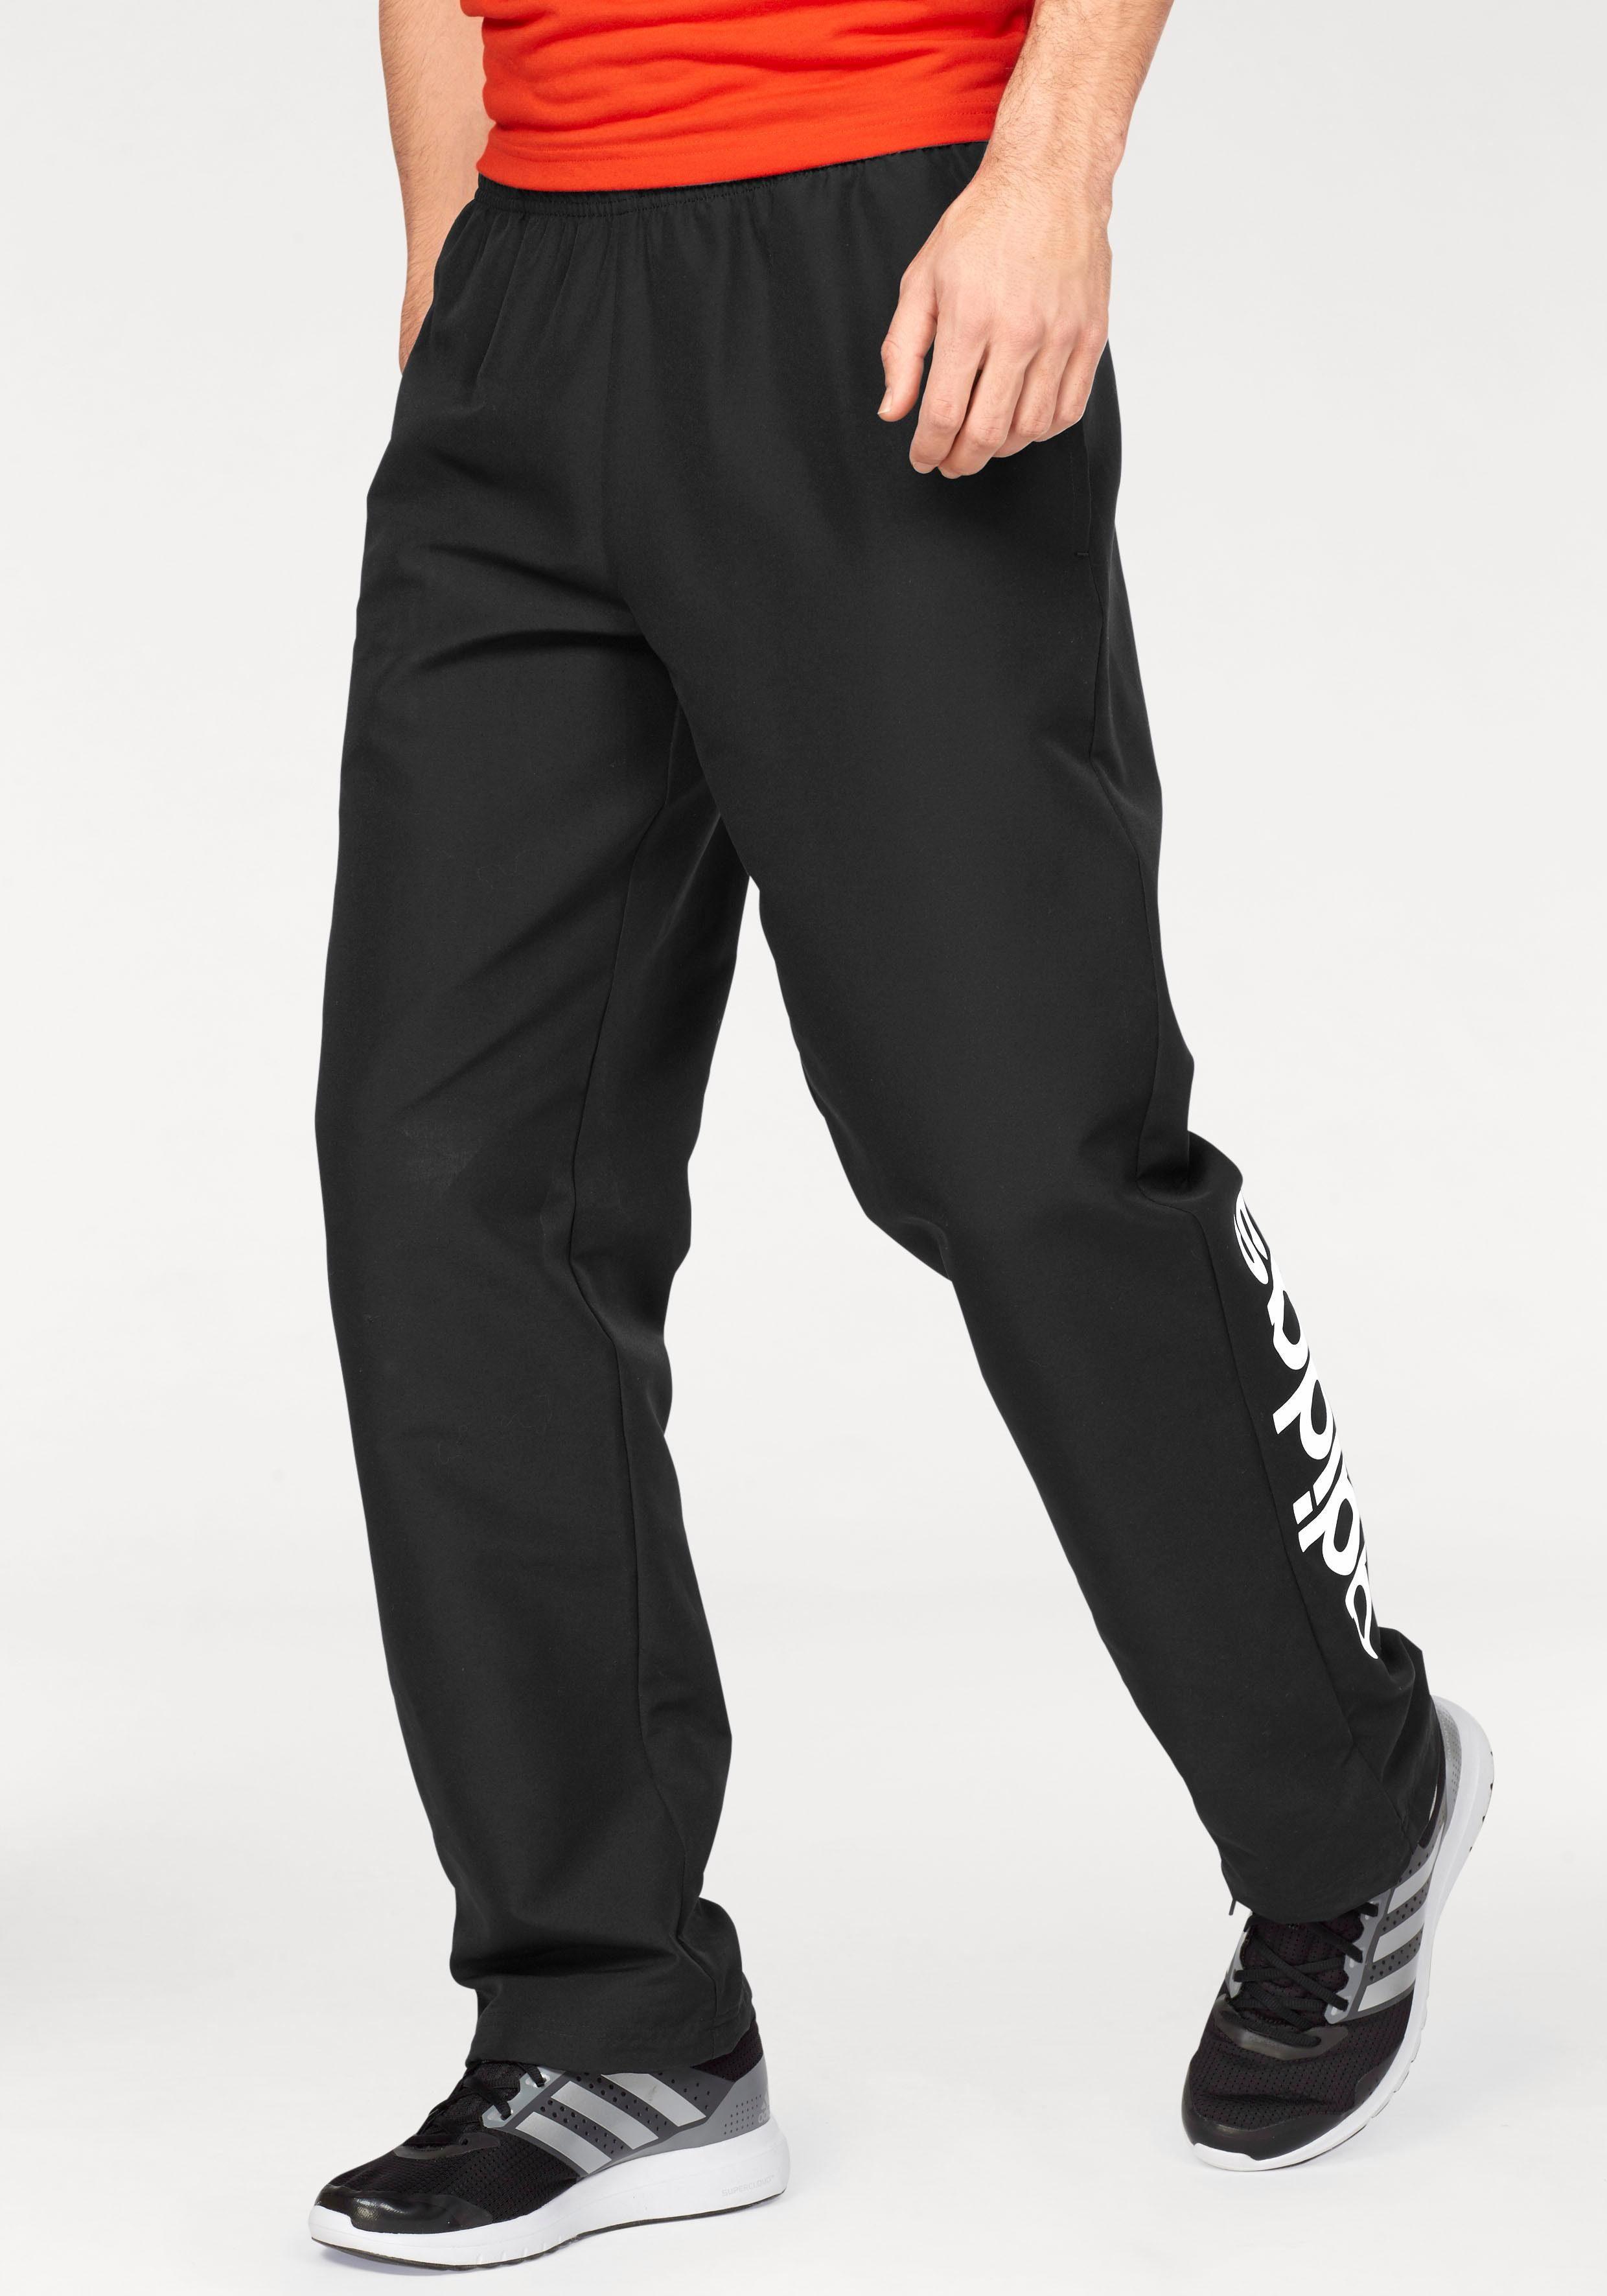 adidas Performance 34 Hose »ESSENTIALS LINEAR 34 PANT« auch in großen Größen online kaufen | OTTO